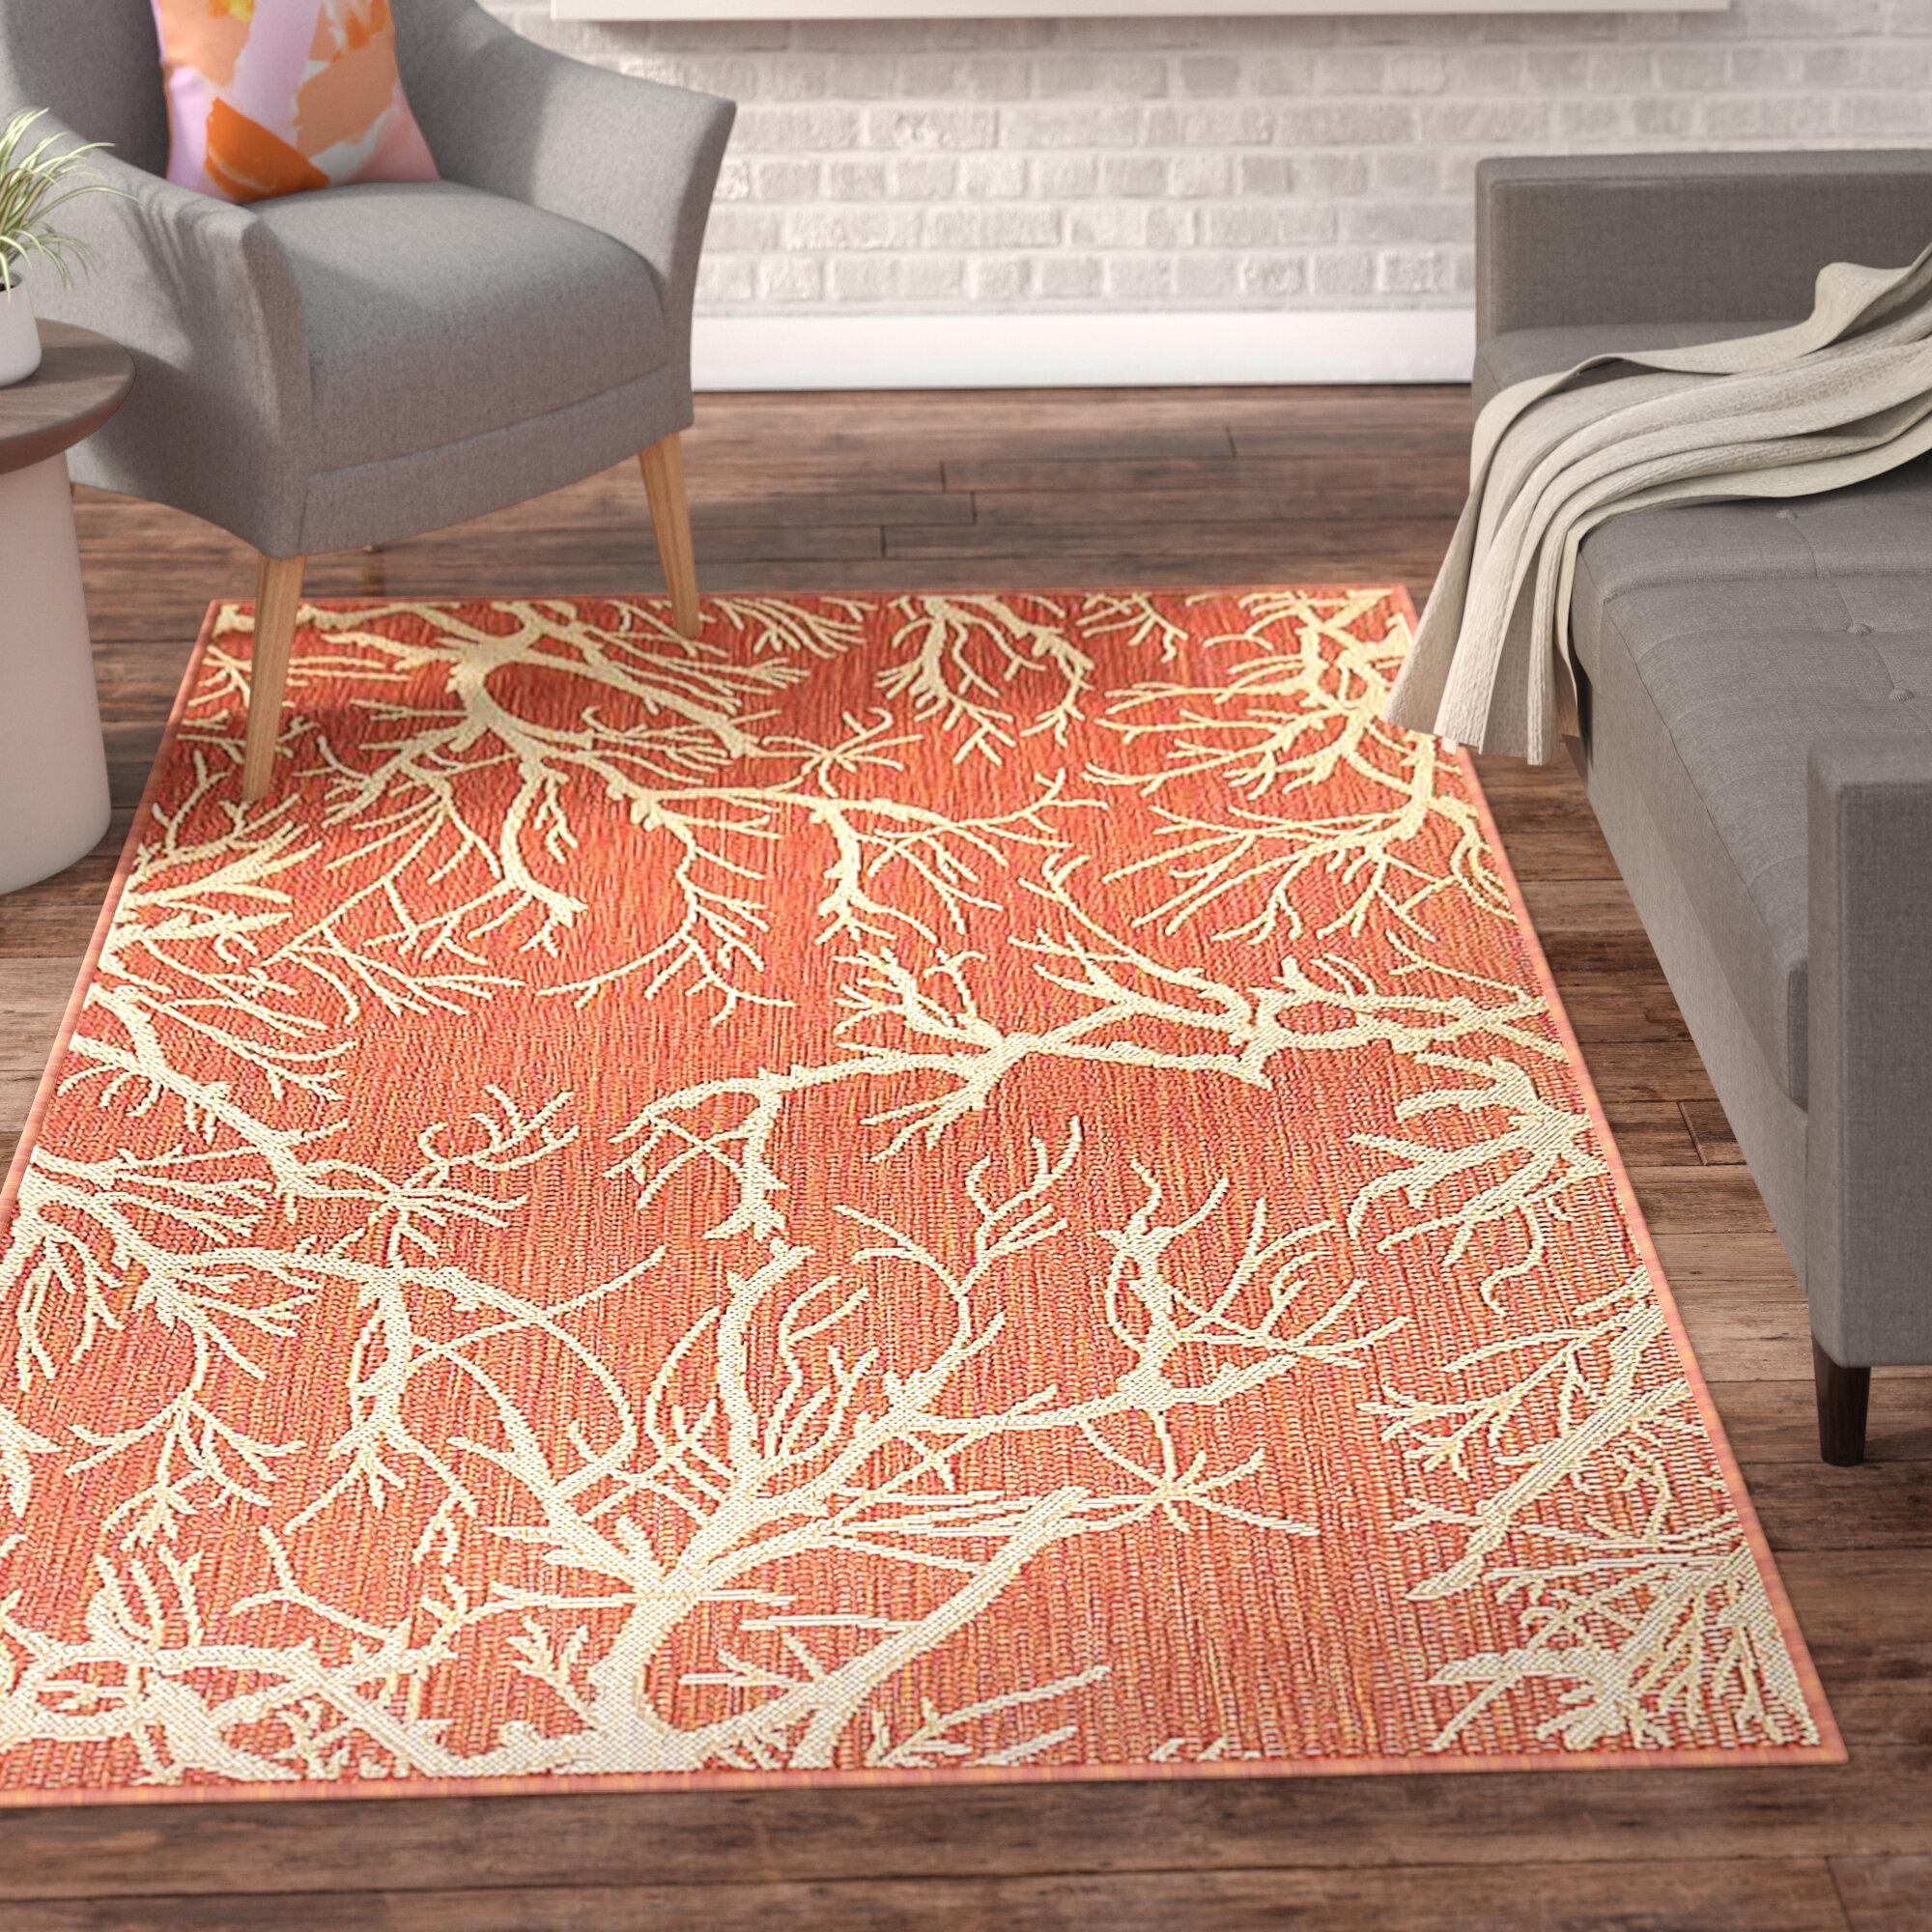 Ebern Designs Almaden Terracotta Indoor/Outdoor Area Rug